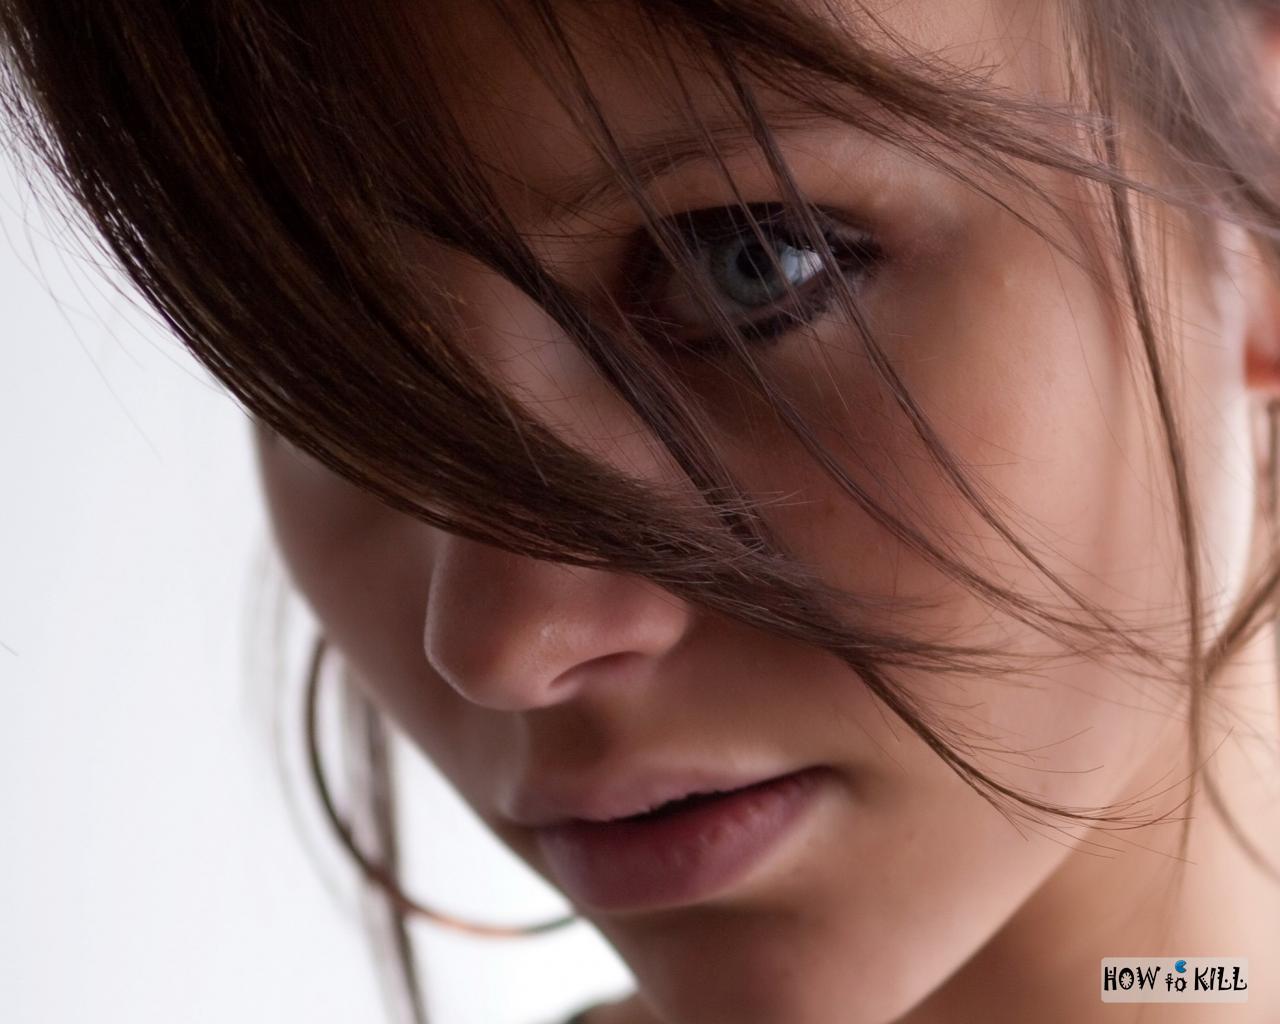 Фото красивая женщина брюнетка 14 фотография